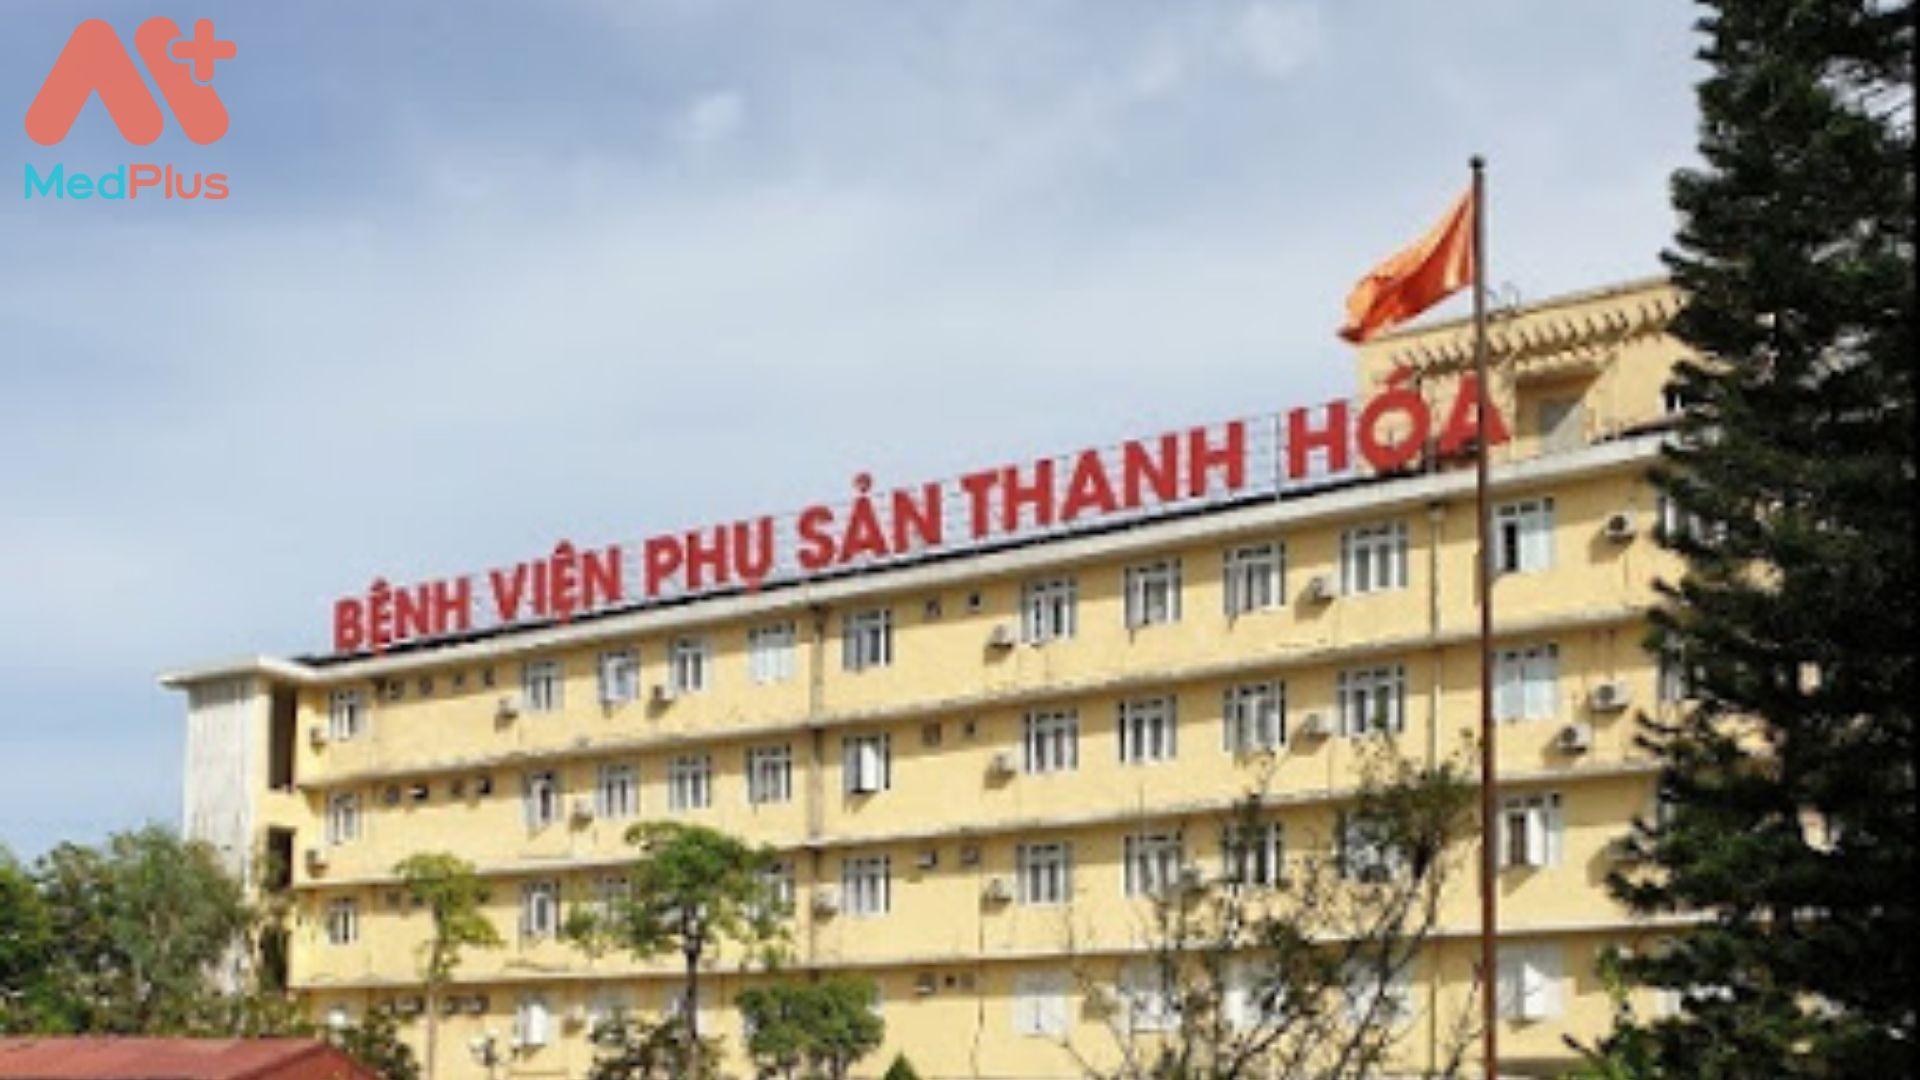 Bệnh viện Phụ Sản Thanh Hóa